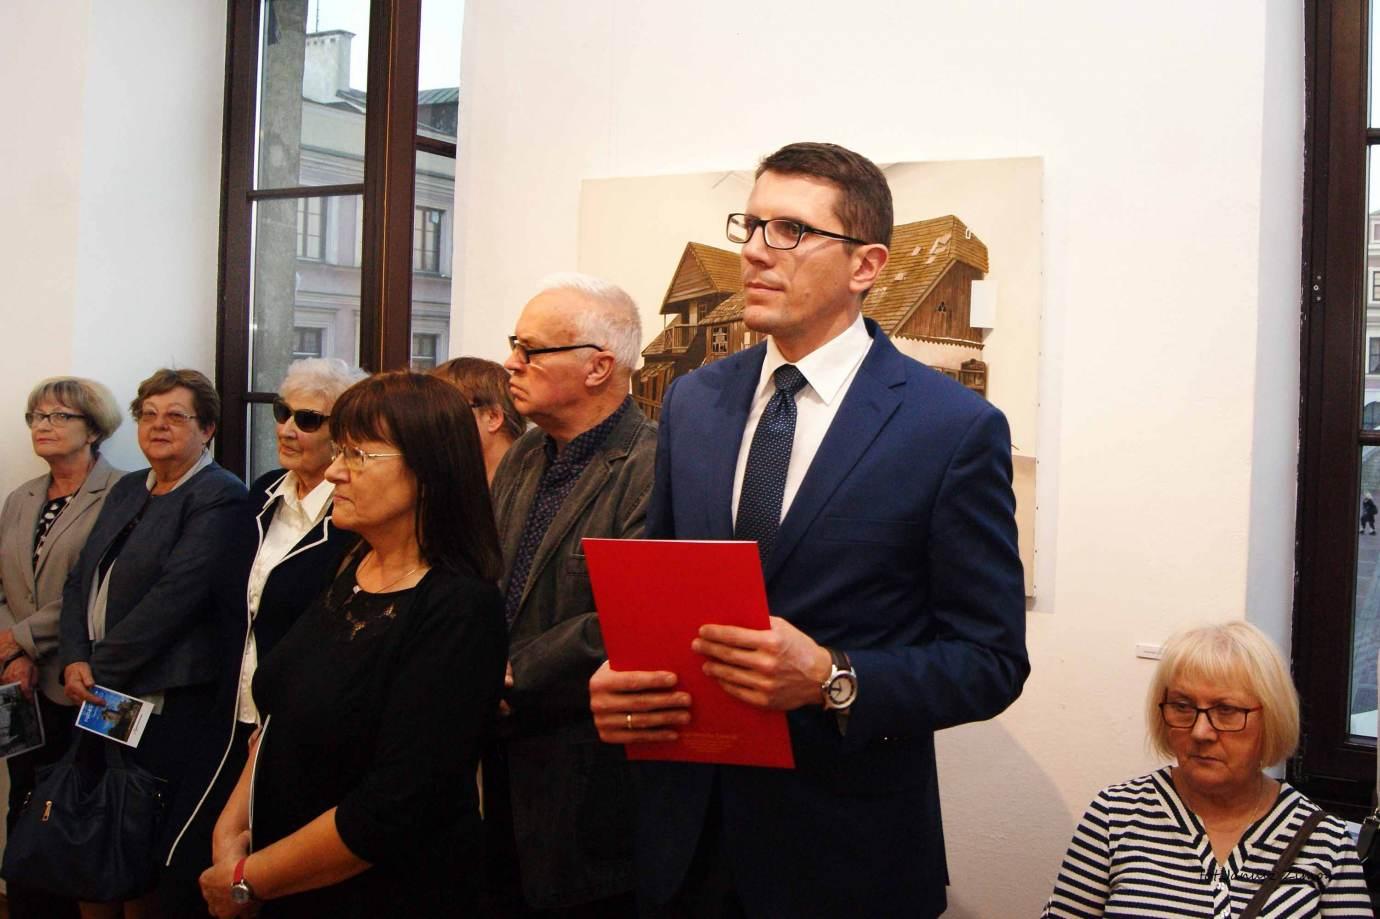 piotr tymochowicz bwa galeria zamojska fot janusz zimon 6 1 Zamość: Wernisaż wystawy Piotra Tymochowicza